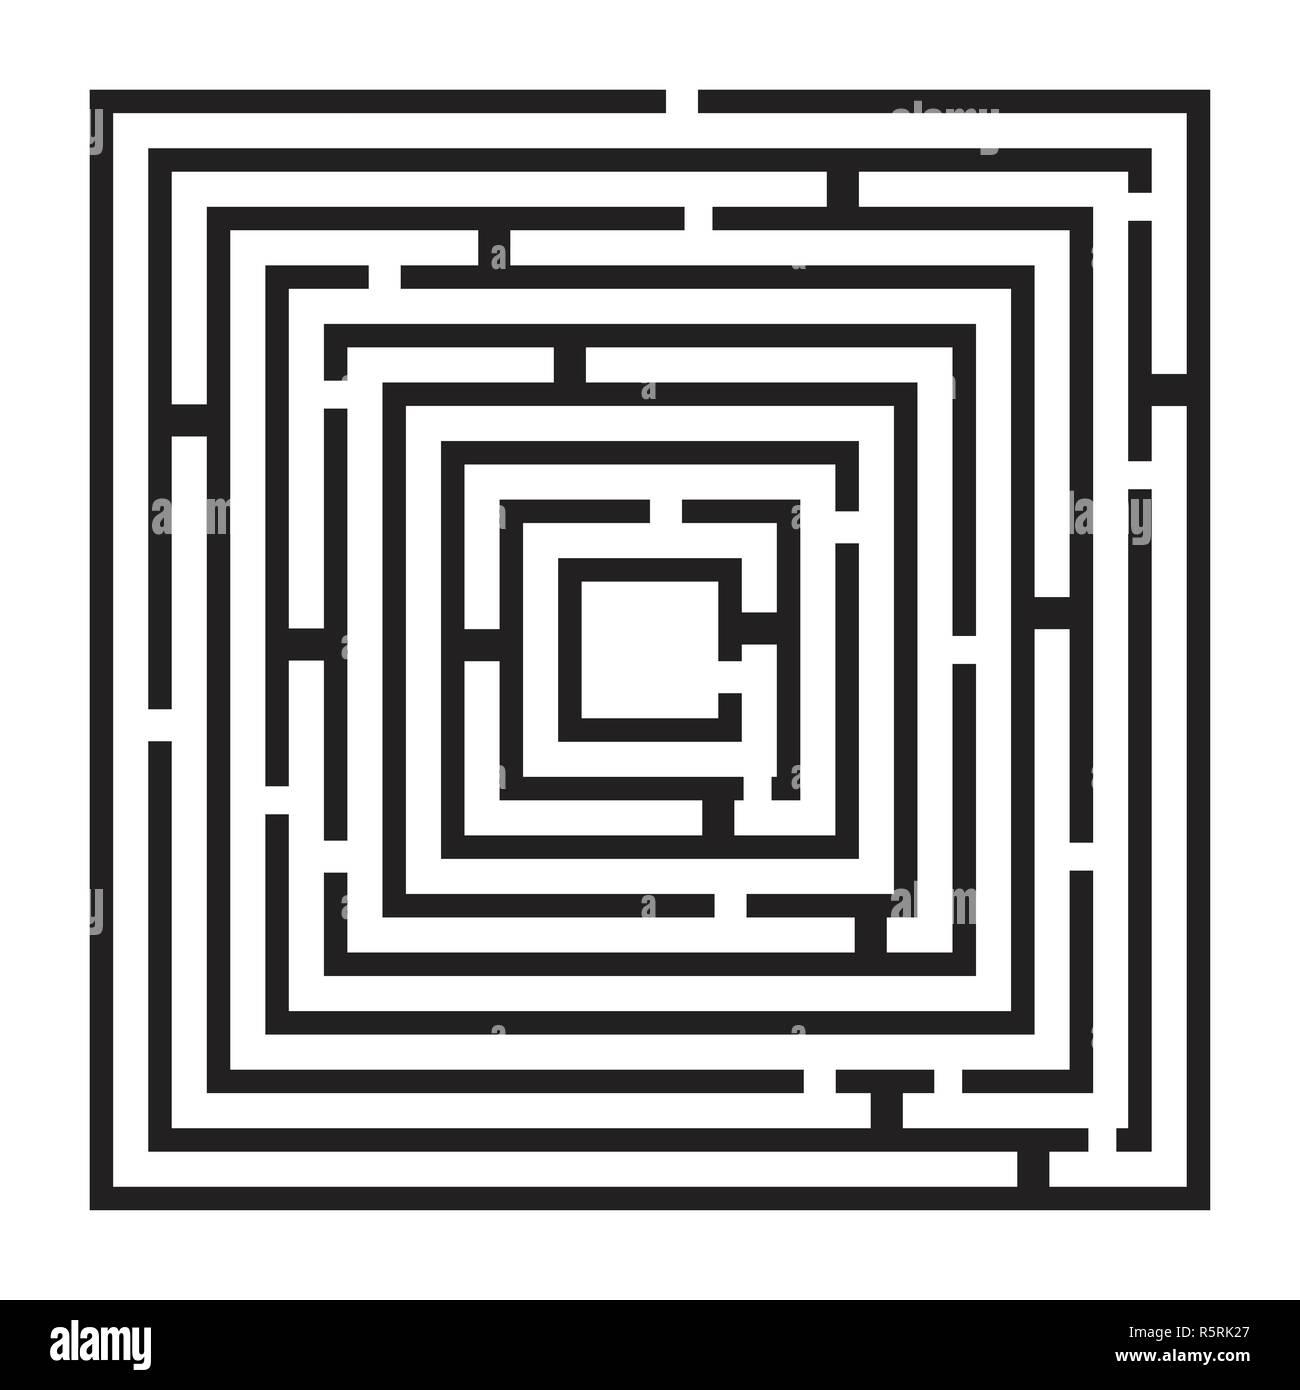 square maze, labirynth vector symbol icon design. Stock Photo